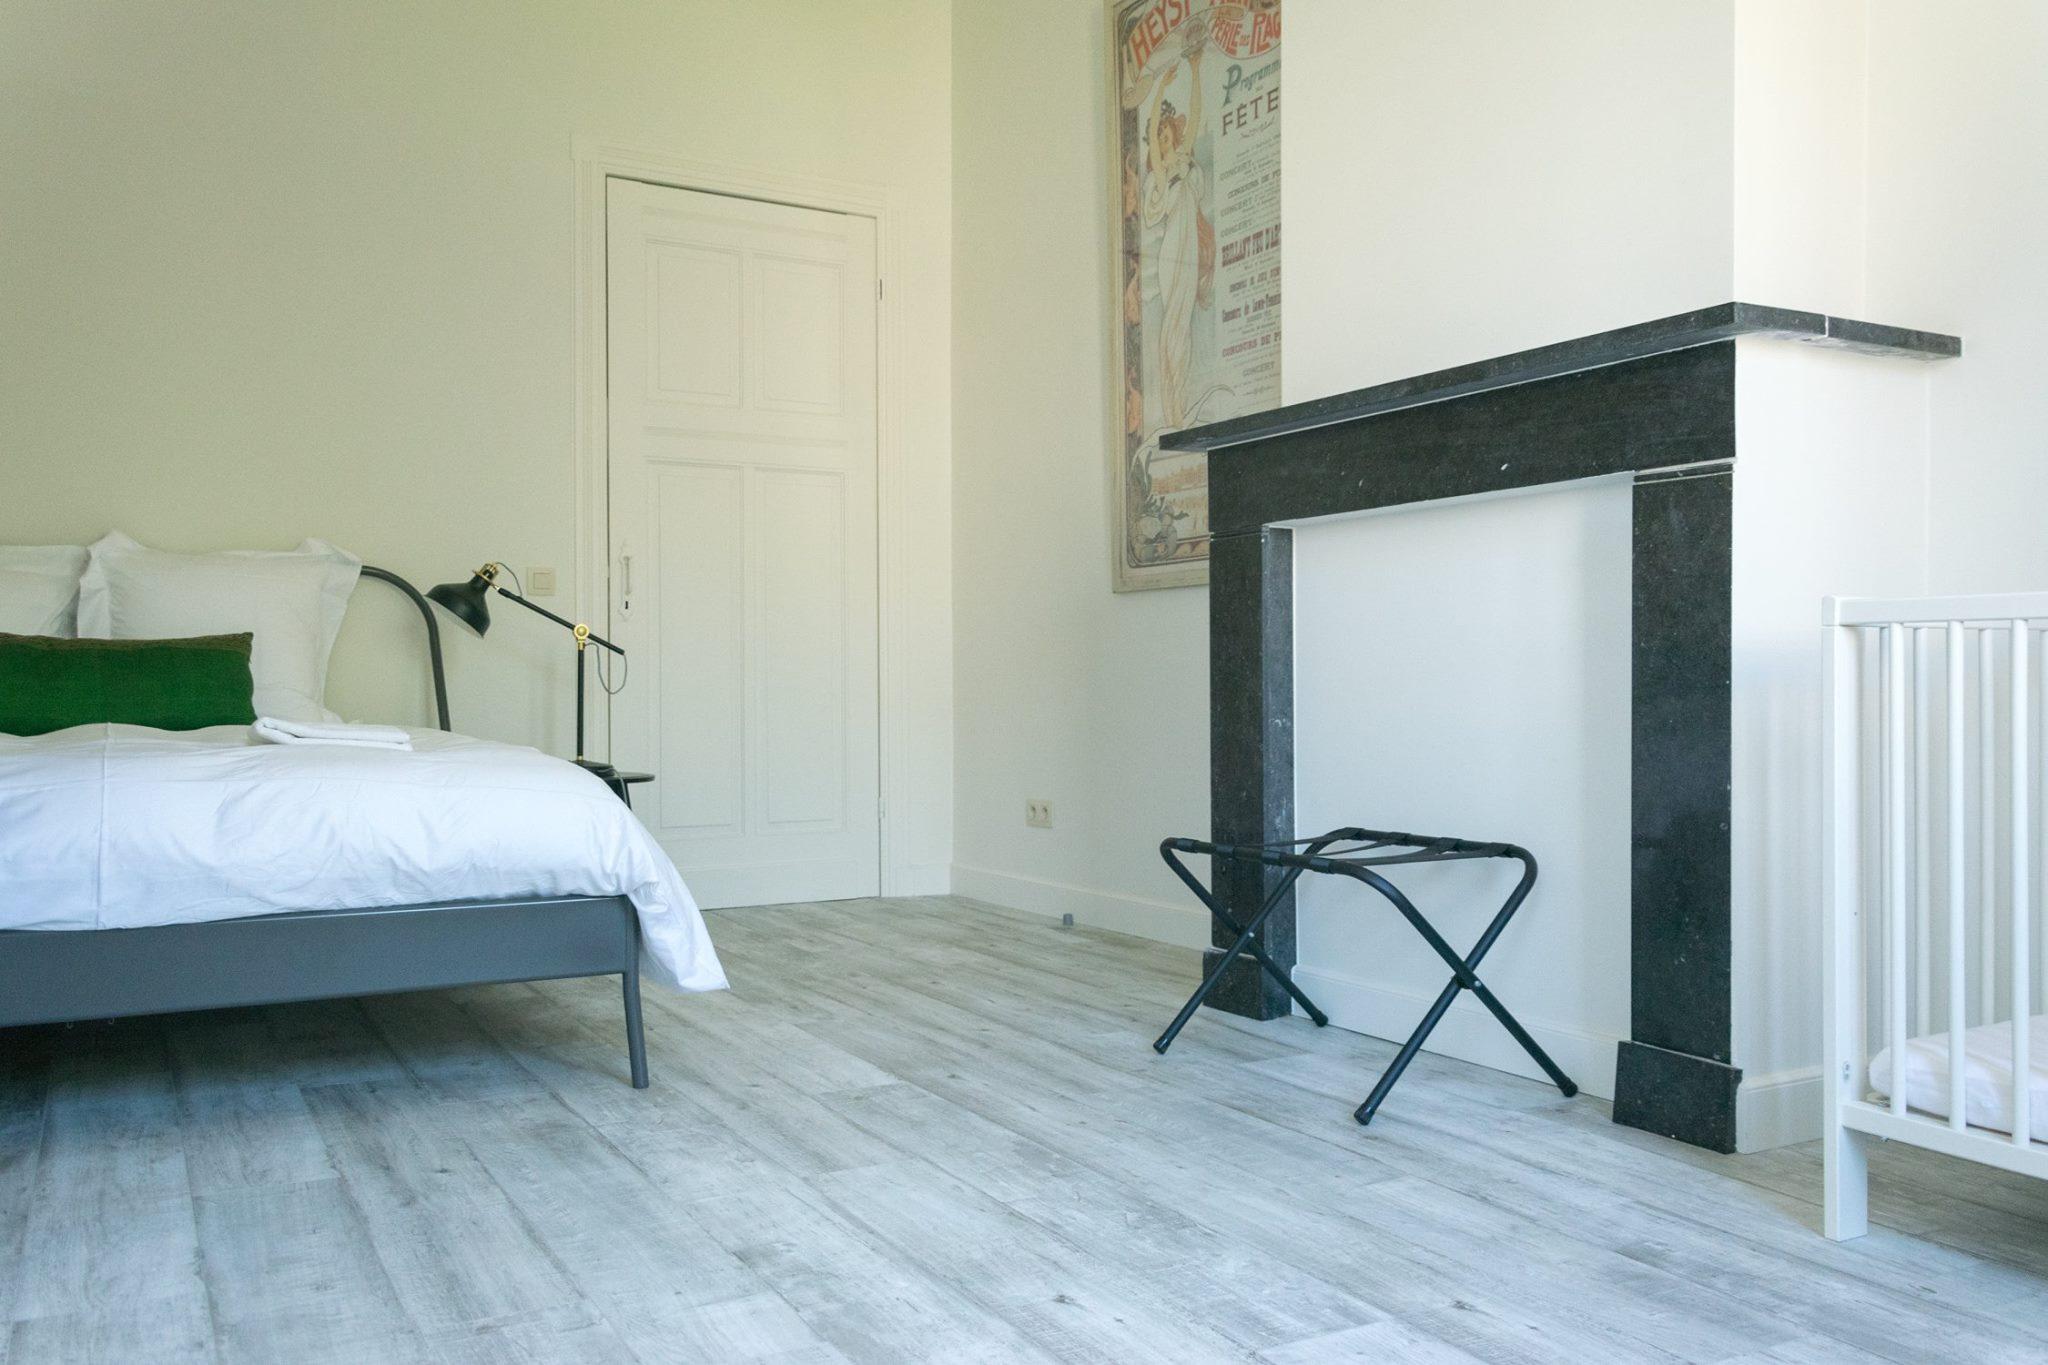 vakantiehuis slaapkamer 1_2